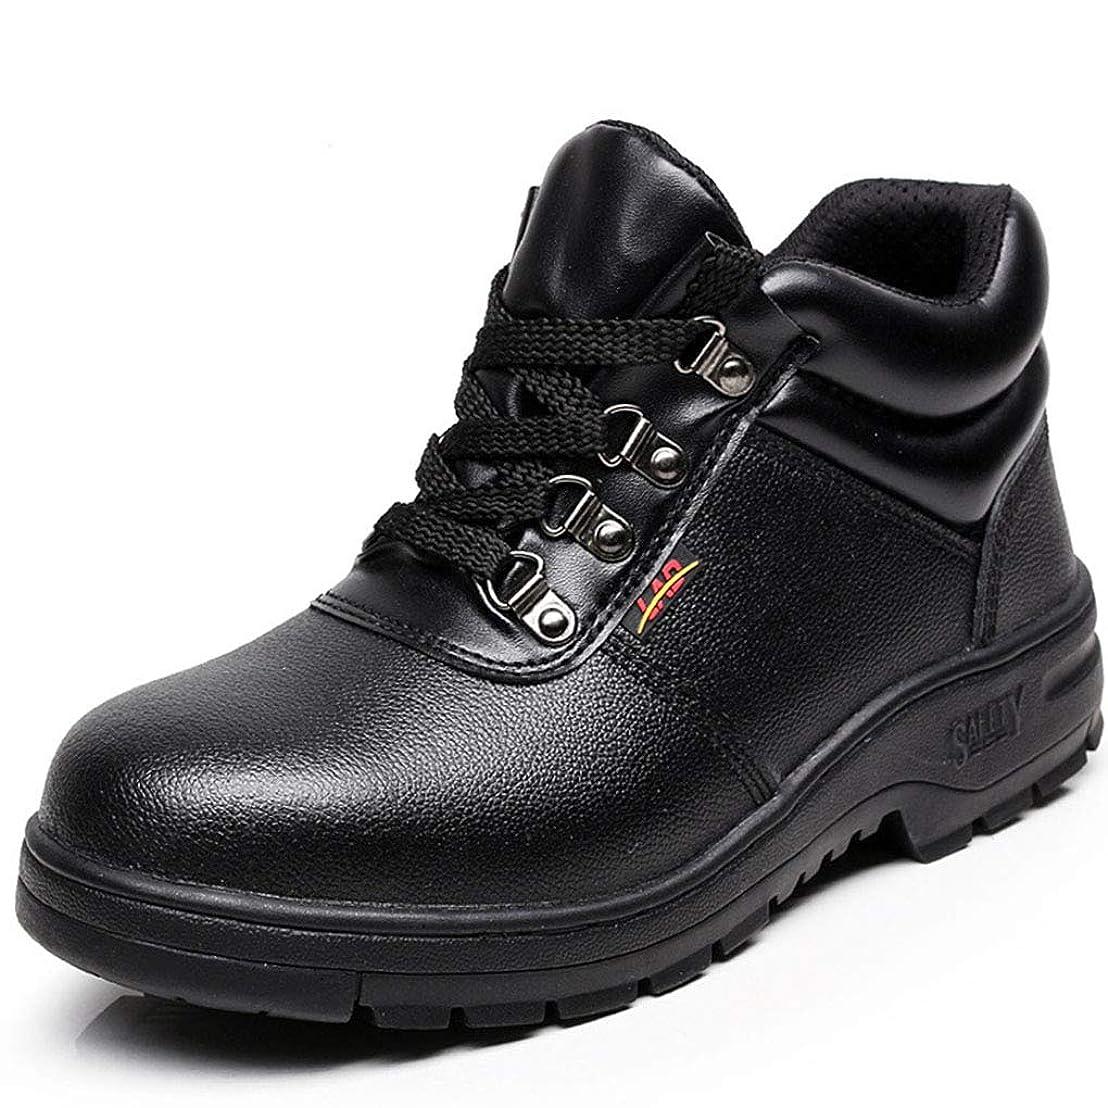 ソケット金額液化する安全靴 スニーカー 軽量 牛革 本革 メンズ レディース対応 先芯 刺す叩く防止 オシャレ